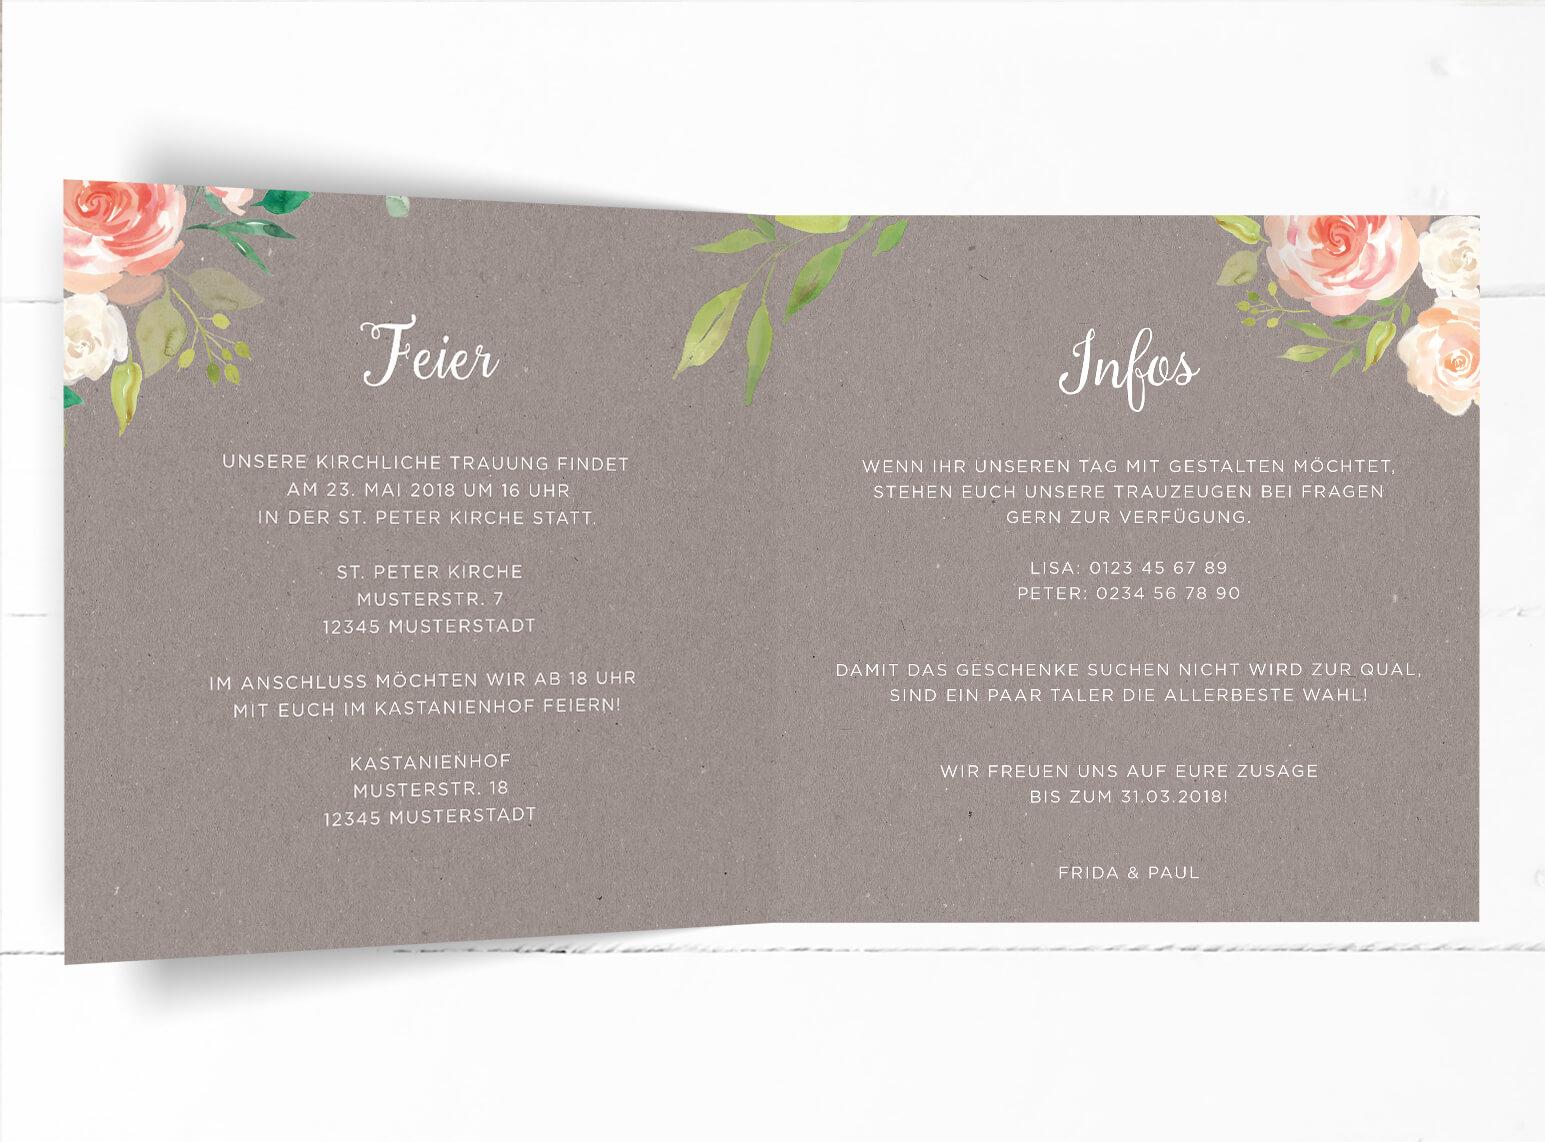 Hochzeitseinladung In Grauer Kraftpapieroptik Verziert Mit Pfingstrosen